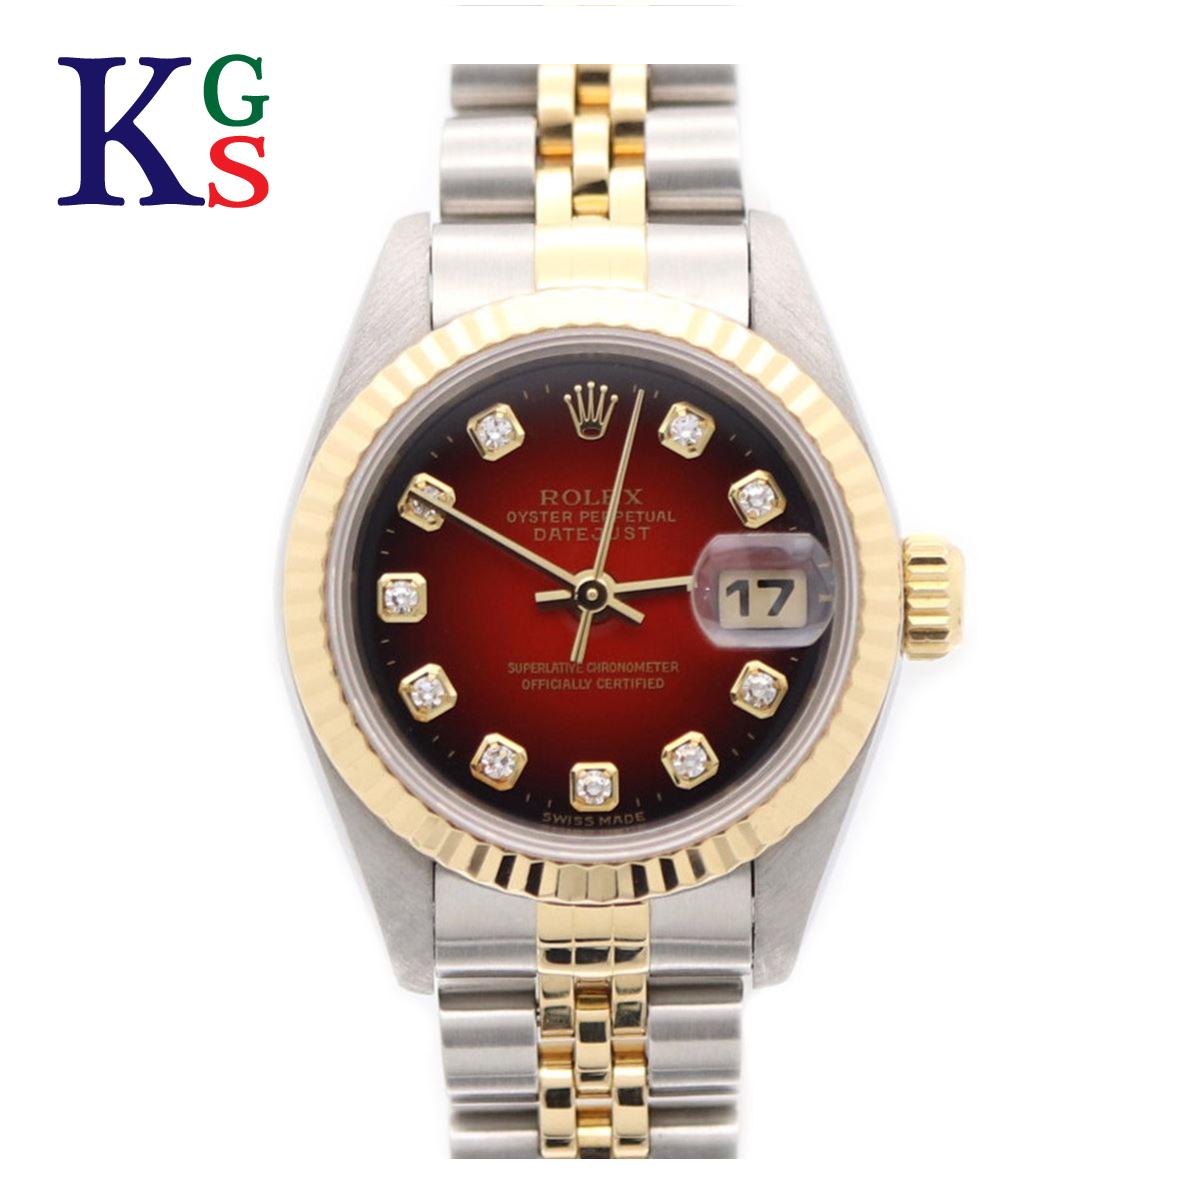 【ギフト品質】ロレックス/ROLEX レディース 腕時計 デイトジャスト レッドグラデーション文字盤 新10Pダイヤ K18YG×ステンレススチール イエローゴールド 自動巻き オートマチック 69173G